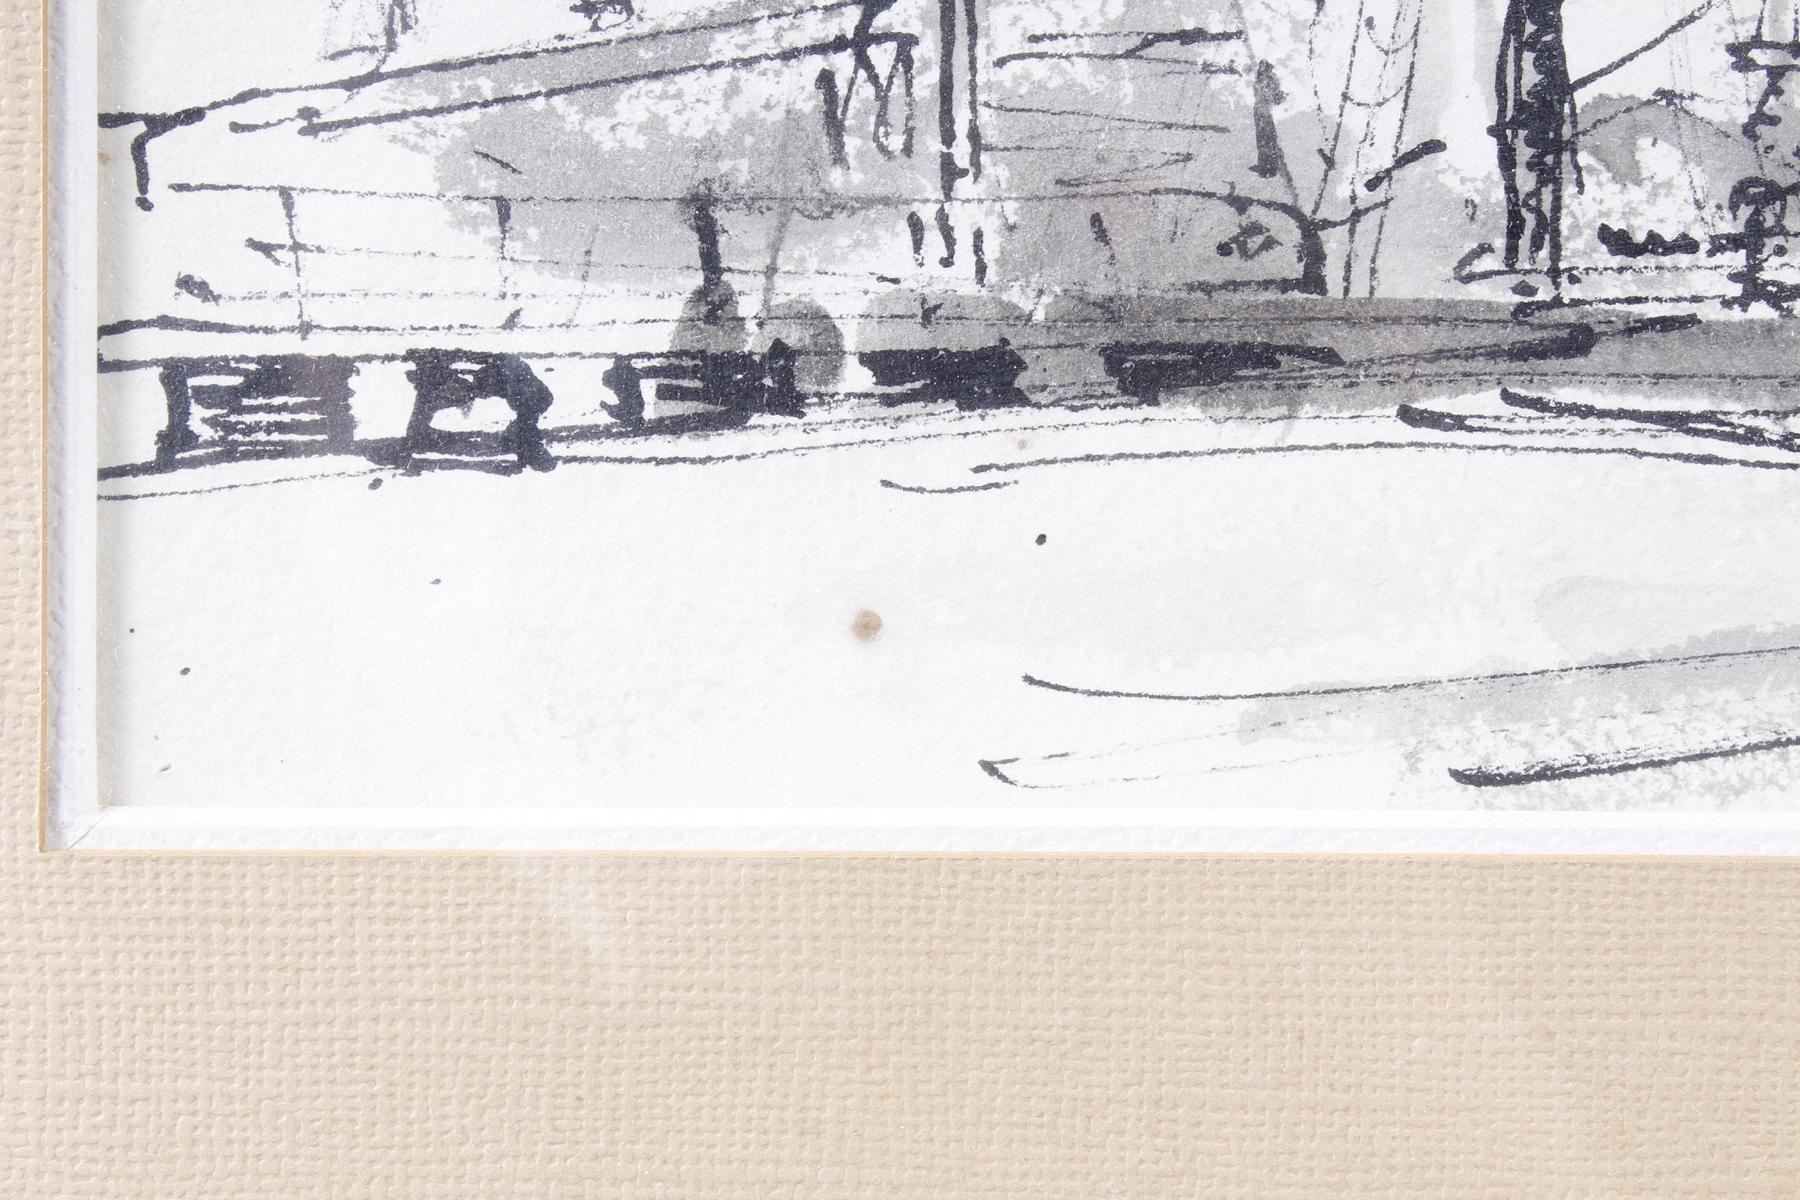 Aquarell, Hafenansicht mit Schiffen, Wilmmers 1950-4